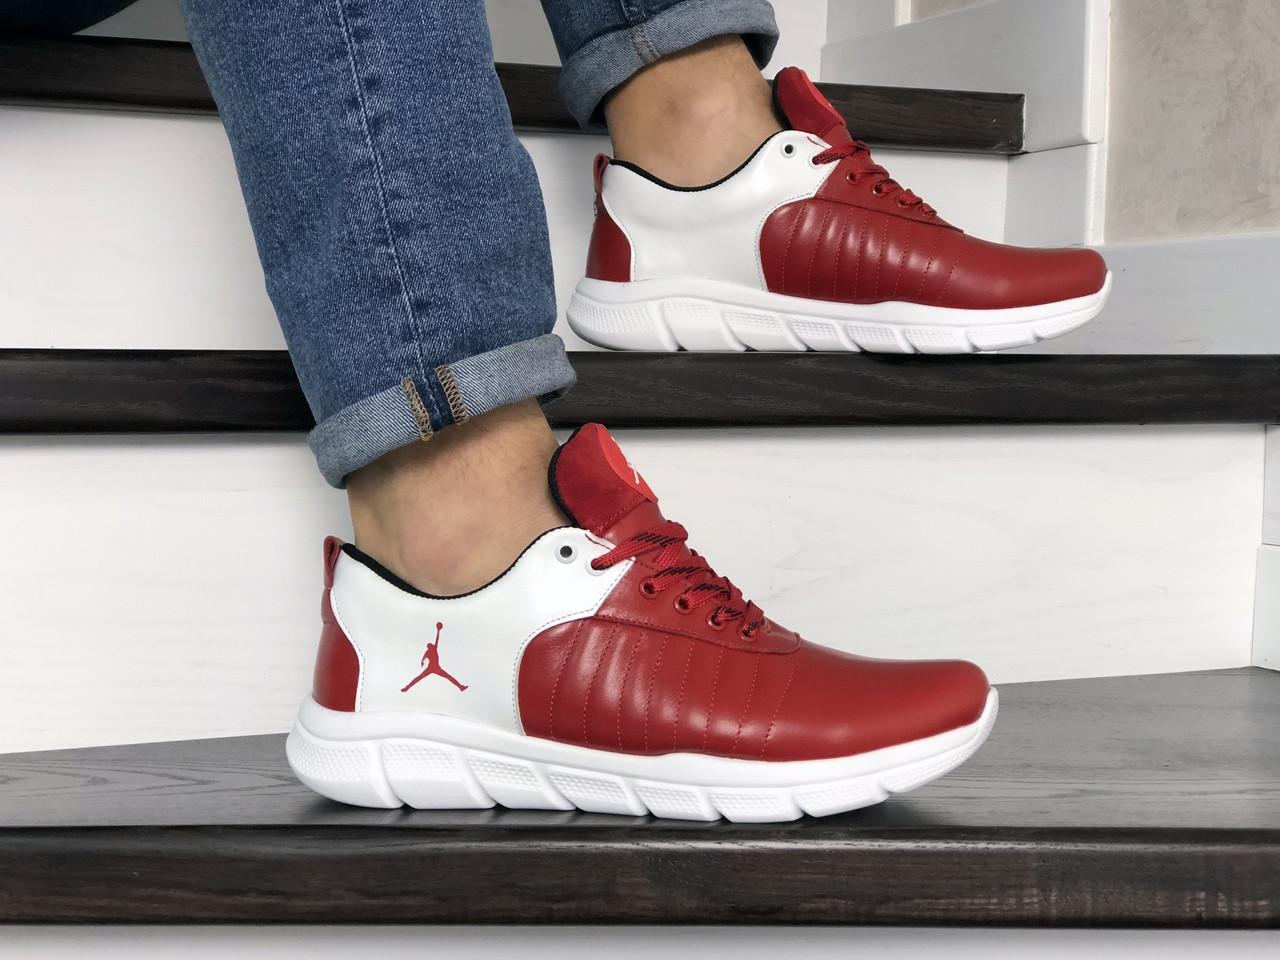 Модні чоловічі кросівки Nike Air Jordan,шкіряні,червоні з білим